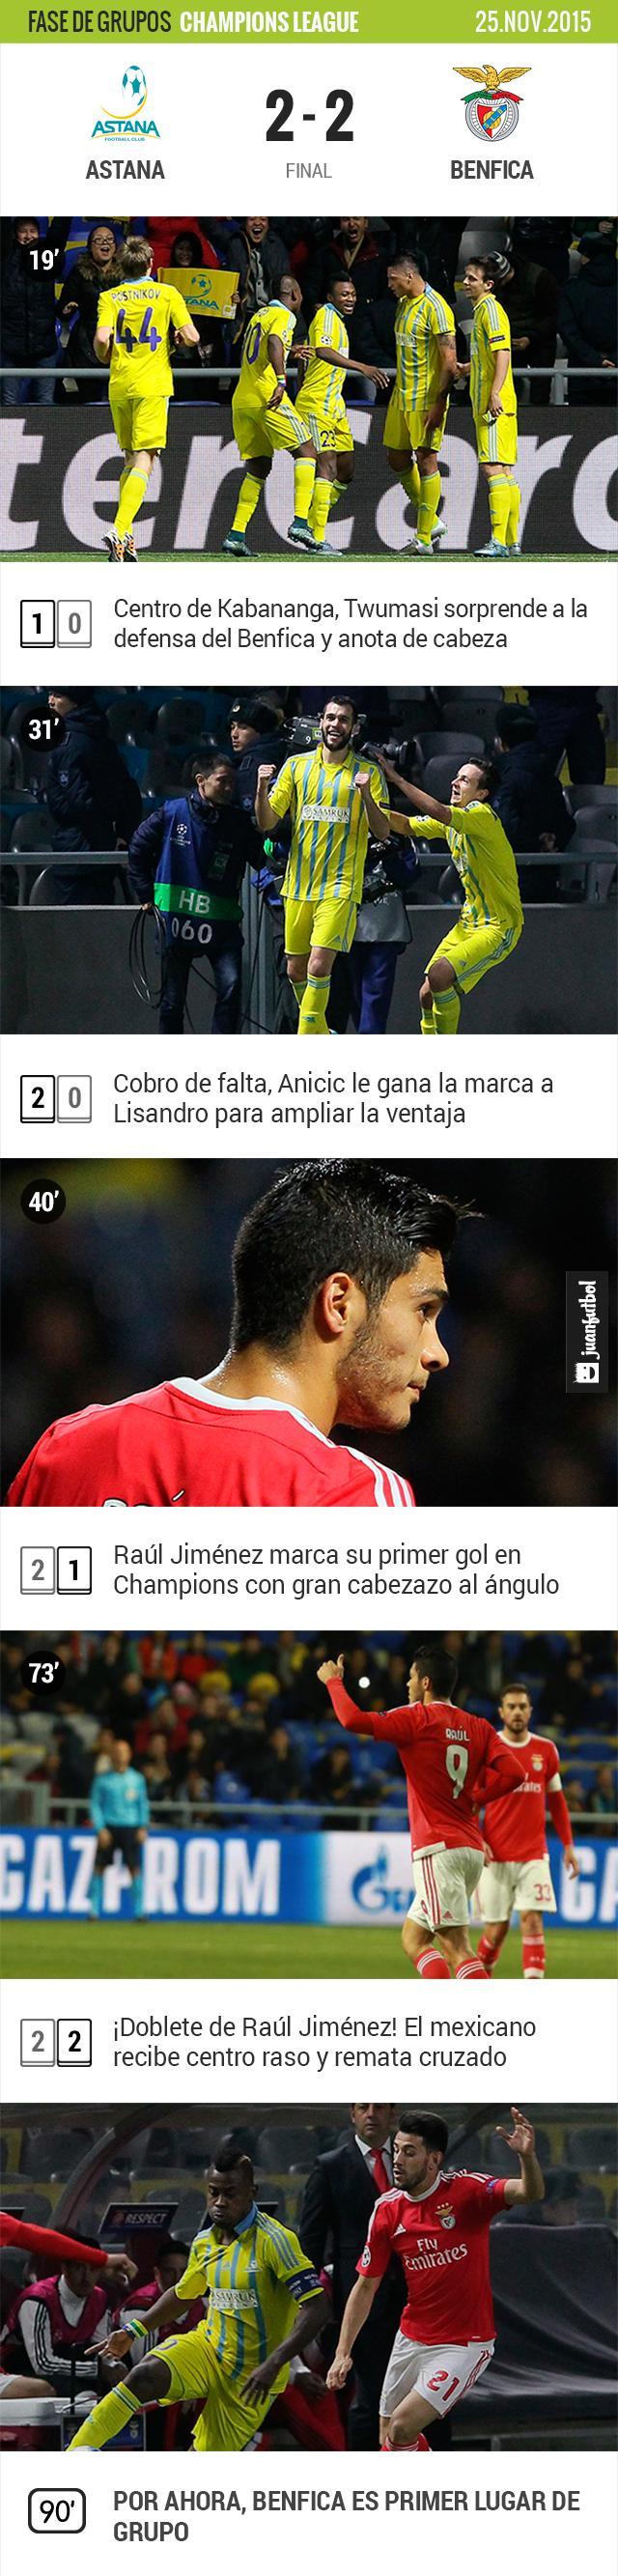 Raúl Jiménez rescata al Benfica con el empate a dos ante el Astana